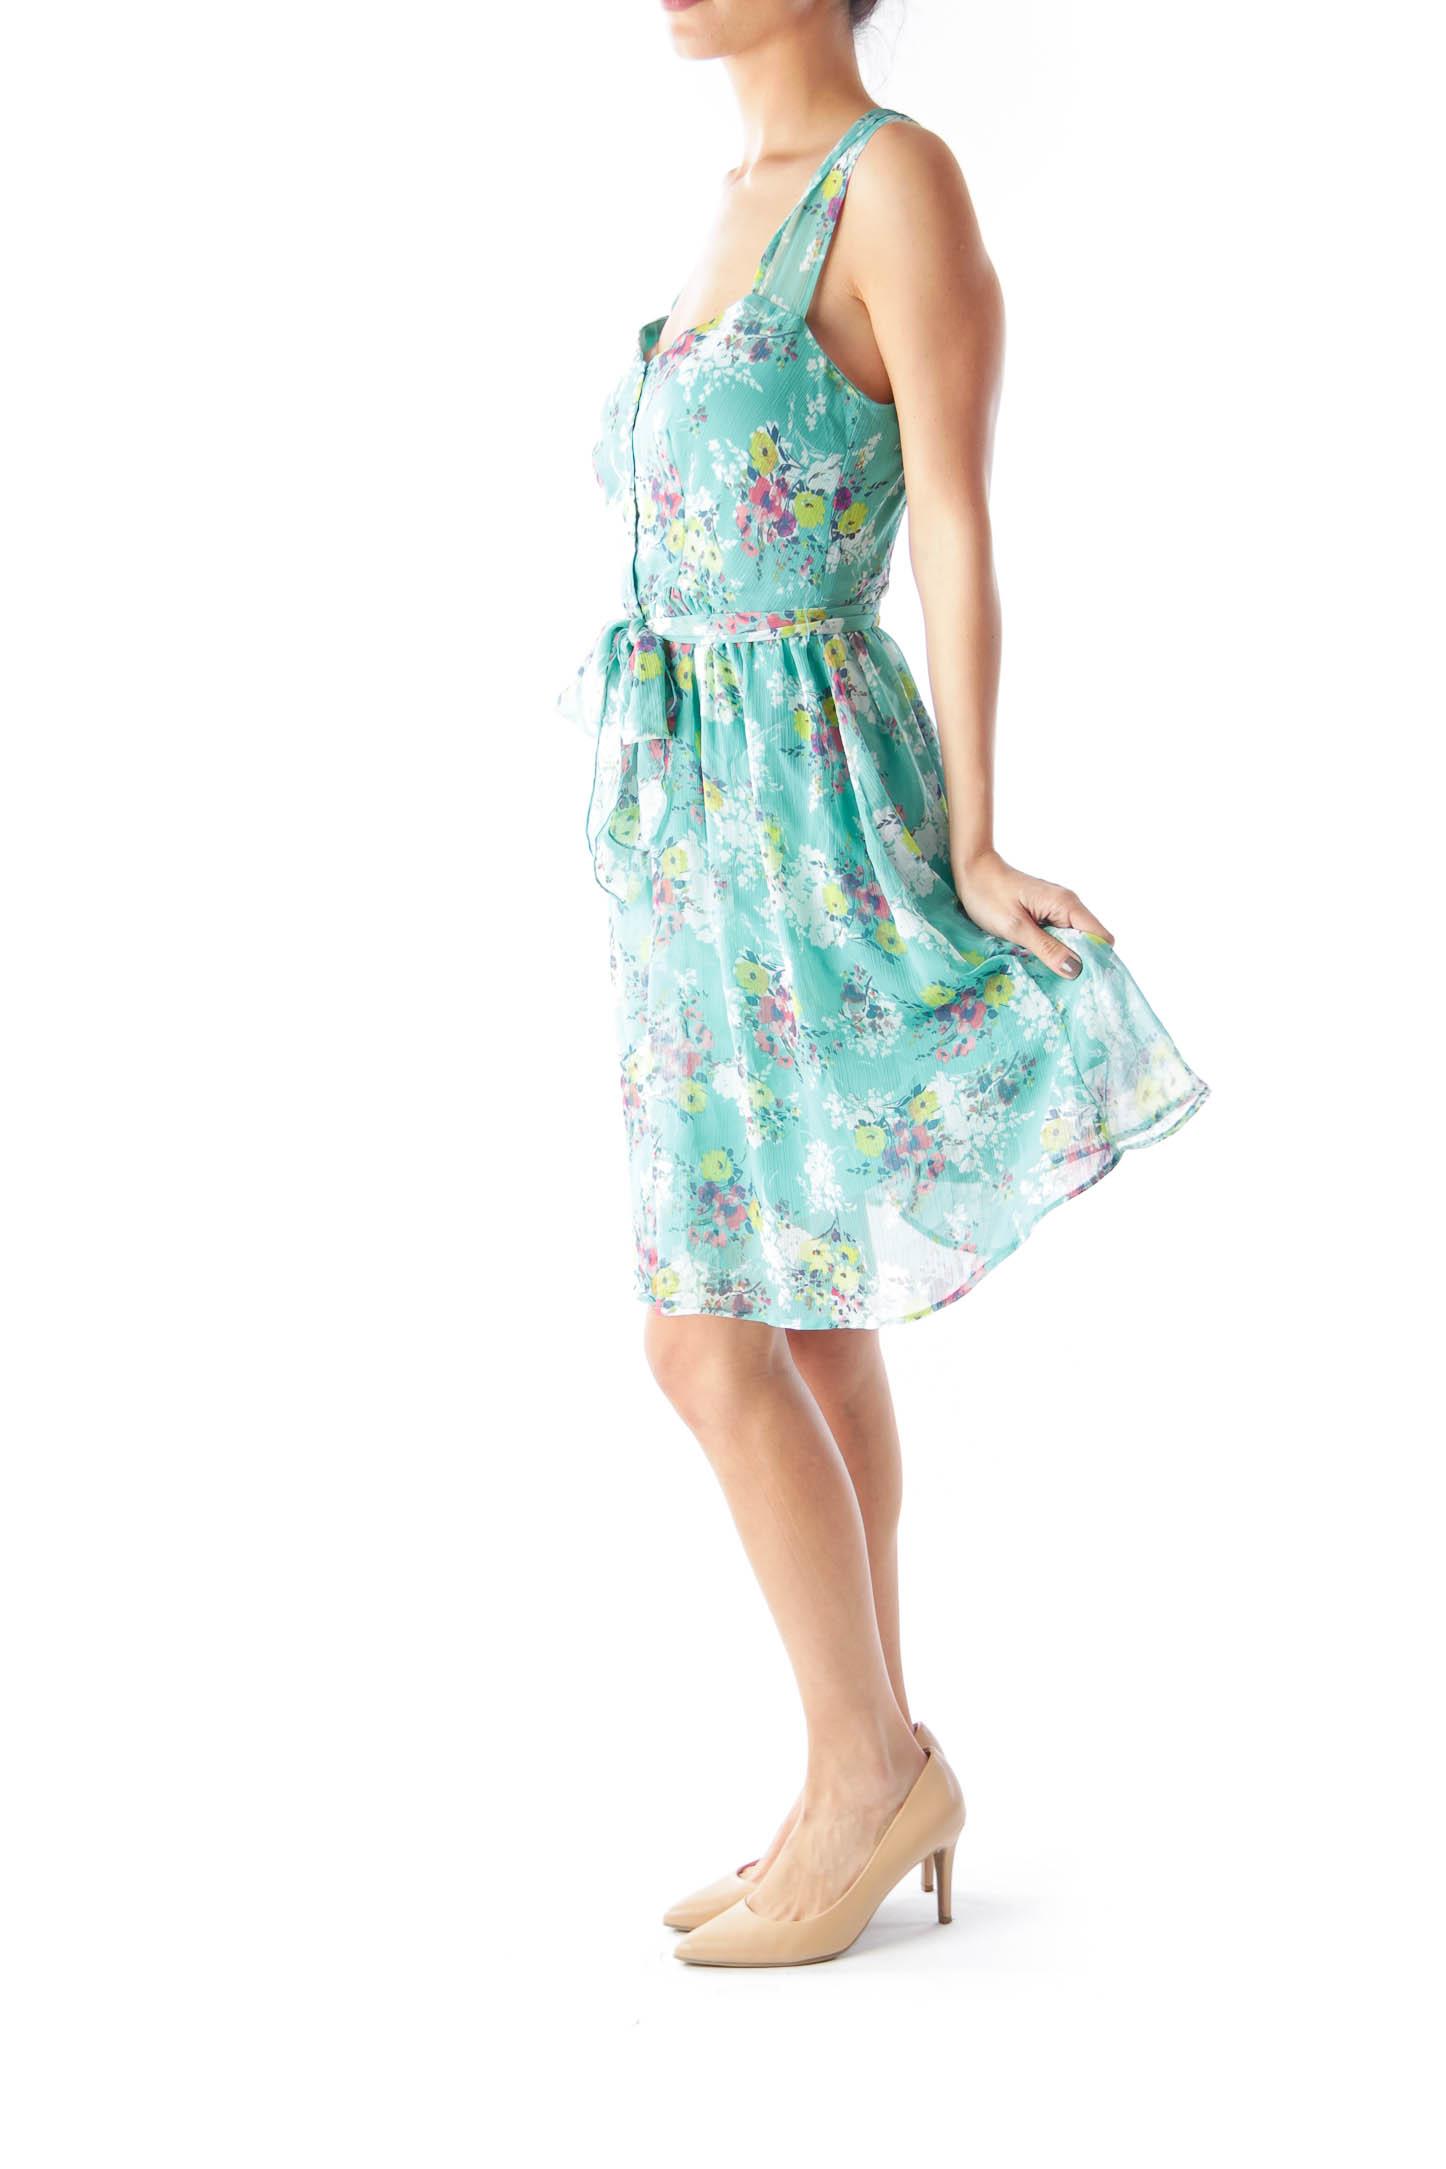 Green Floral Summer Dress